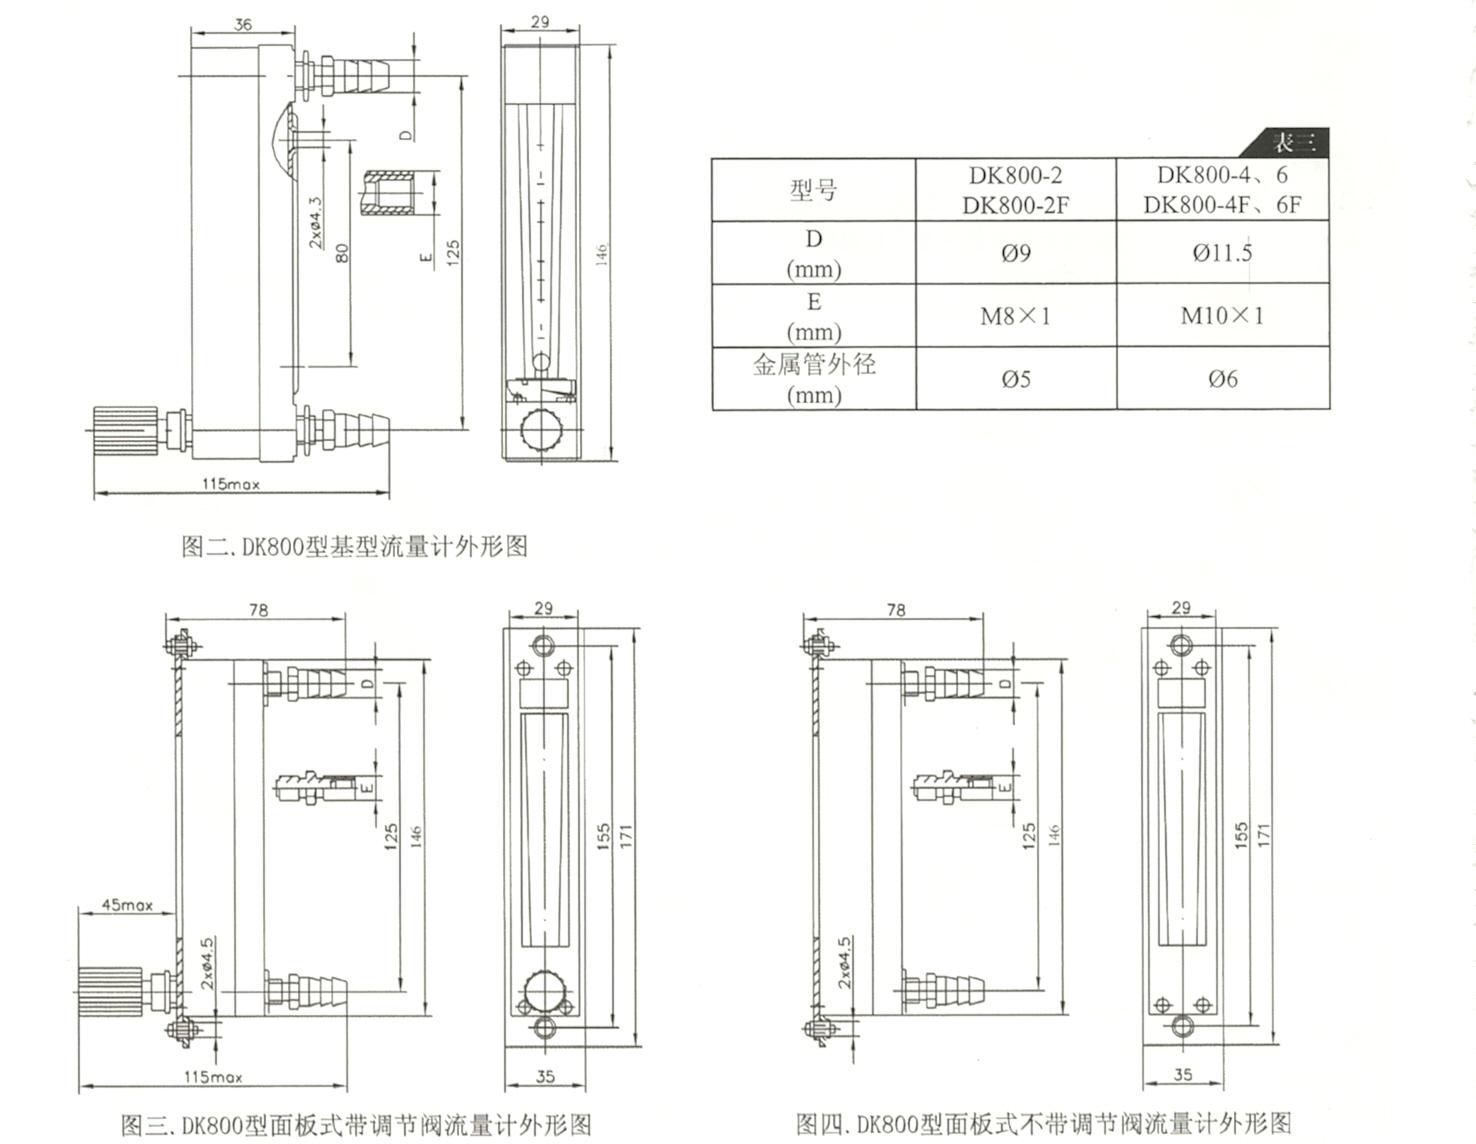 国外背滤鱼缸设计图